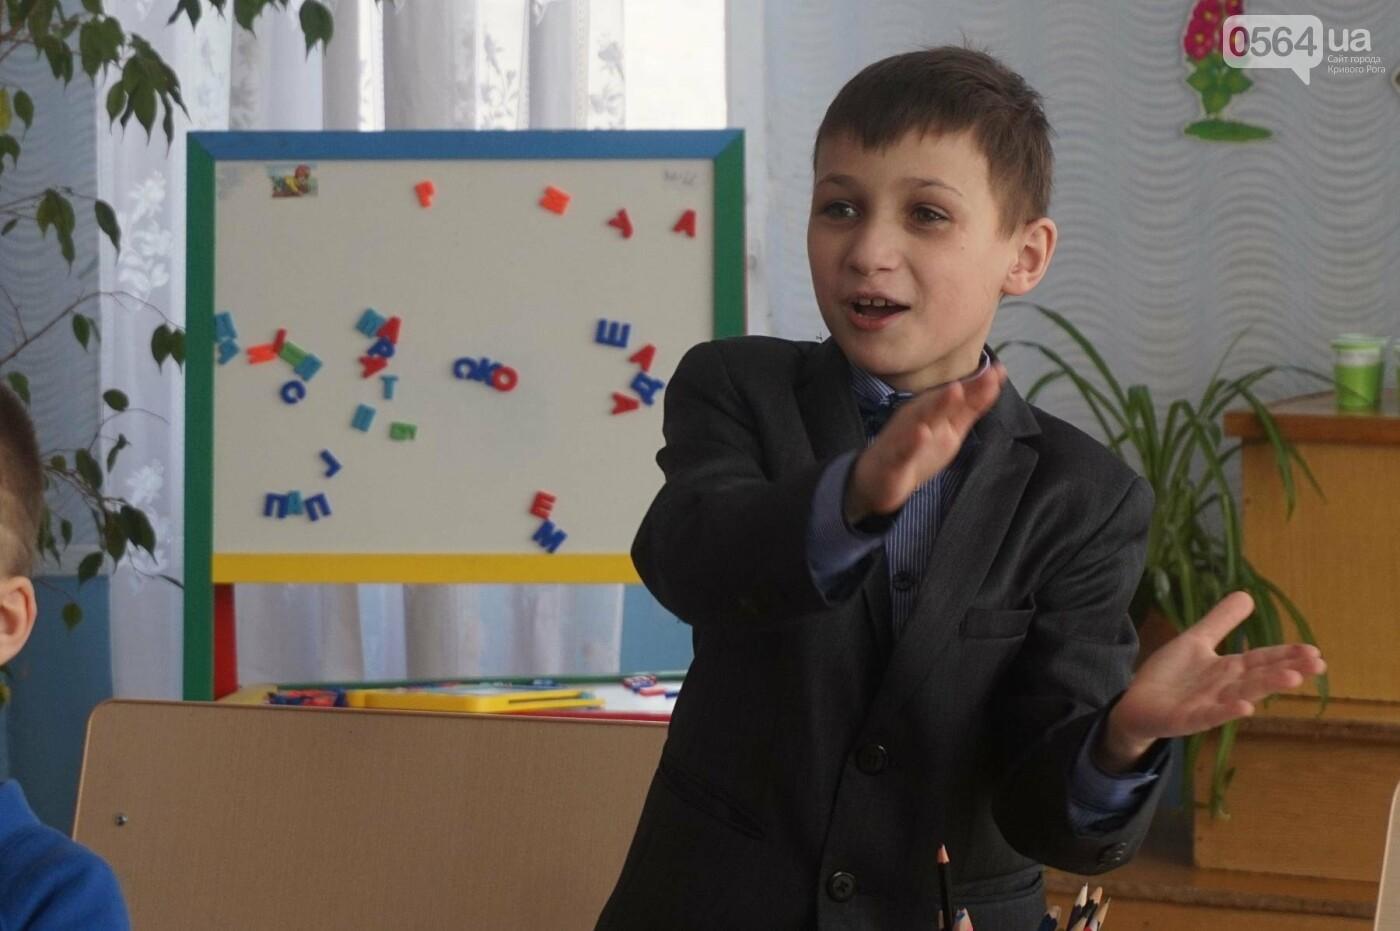 Приближаясь к Европе: Как в школах Кривого Рога внедряют инклюзию (ФОТО), фото-21